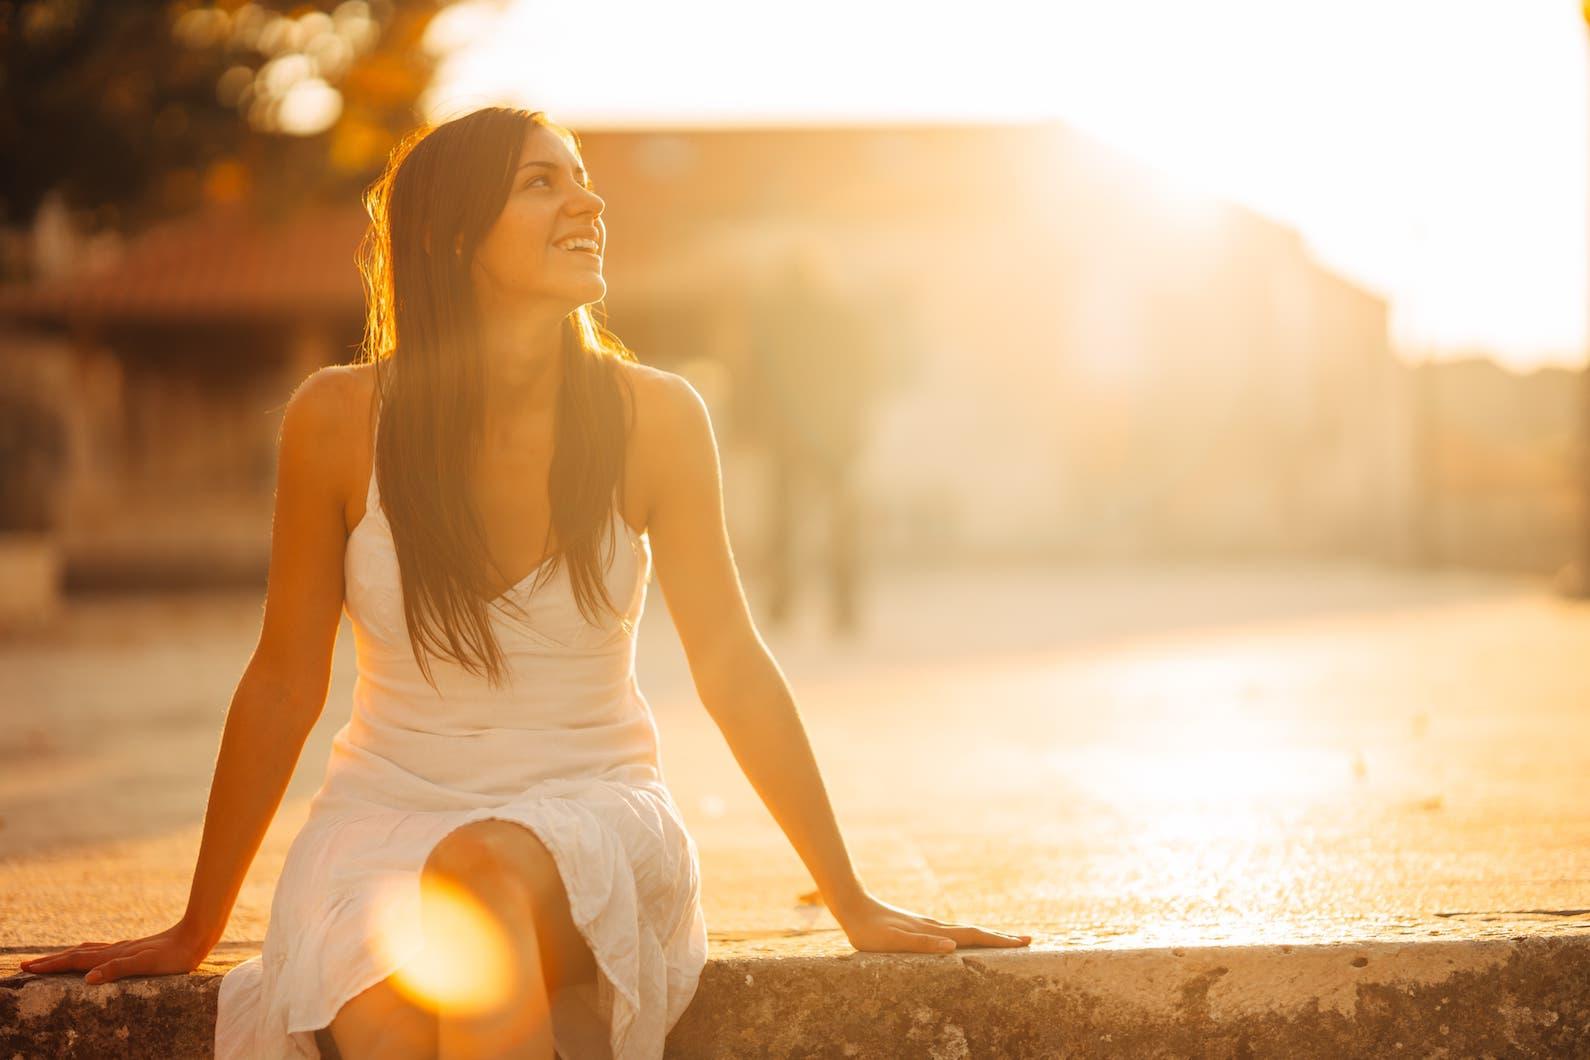 Bewust kiezen voor positieve gedachtes | Positief denken doe je zo